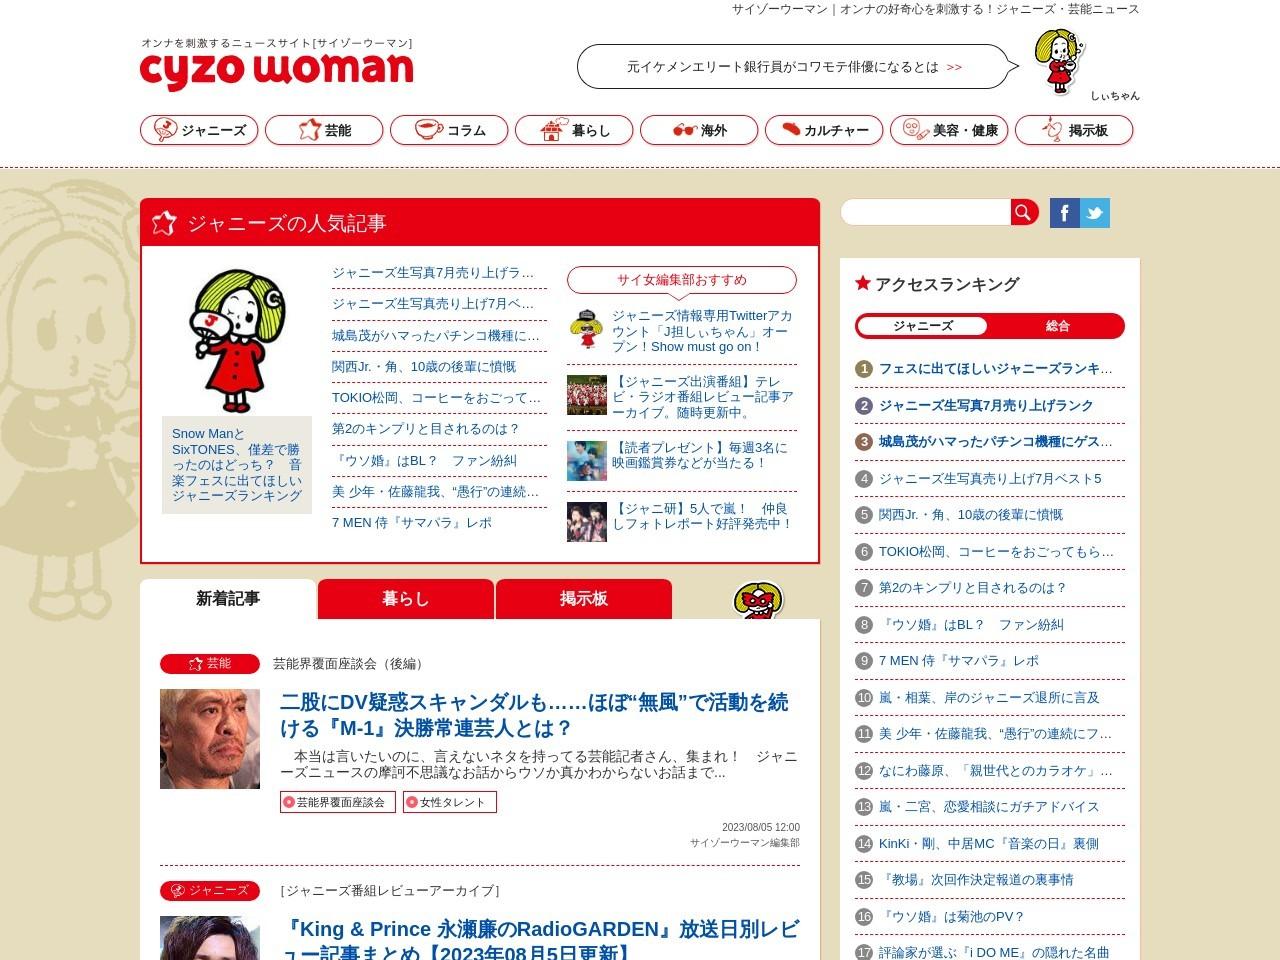 ジャニーズ、「Myojo」Jr.大賞は「過去ないぐらい大混戦」! 関西勢躍進の舞台ウラ